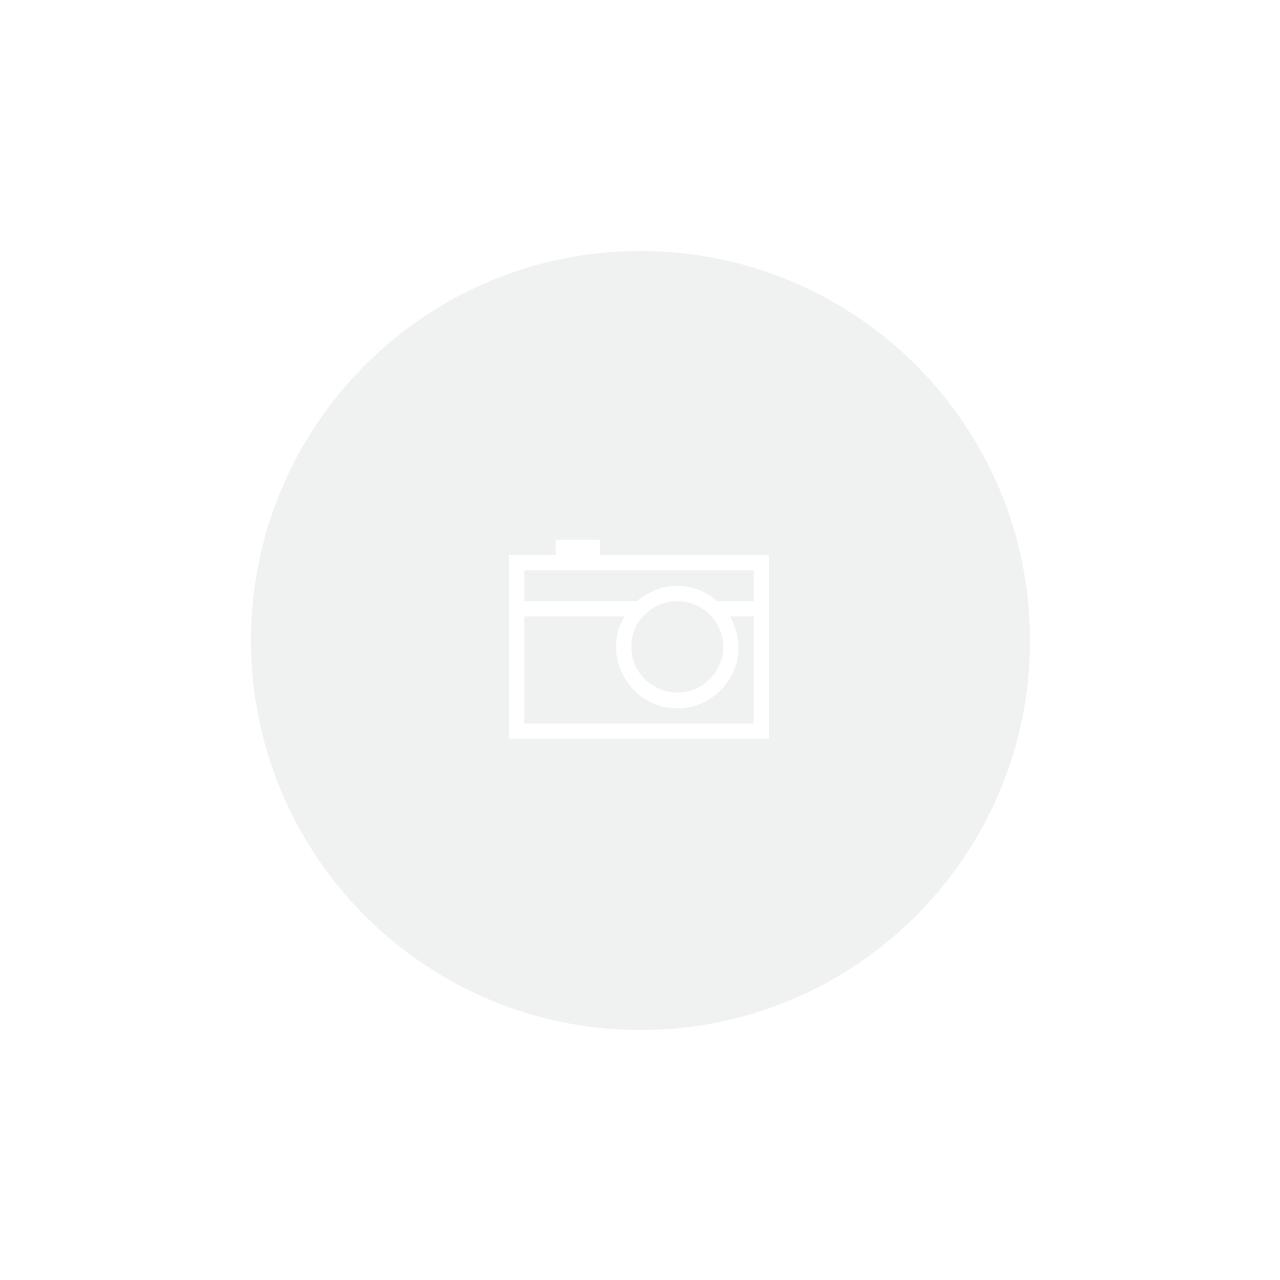 BICICLETA SPEED BMC SLR01 ONE DISC 2019 22V D.ACE DI2